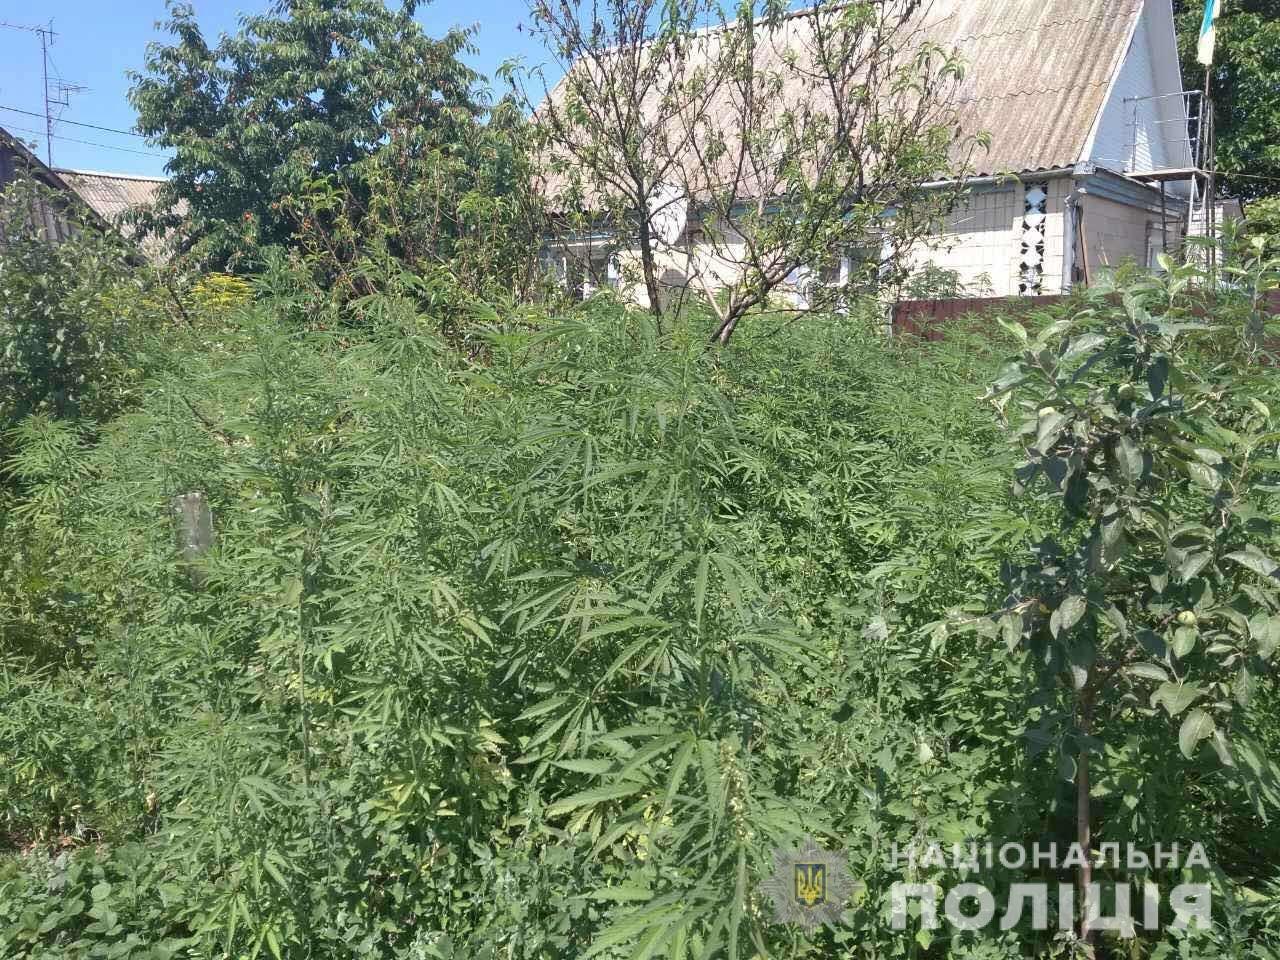 Поліція Житомирщини активно вилучає у населення мак та коноплю, фото-1